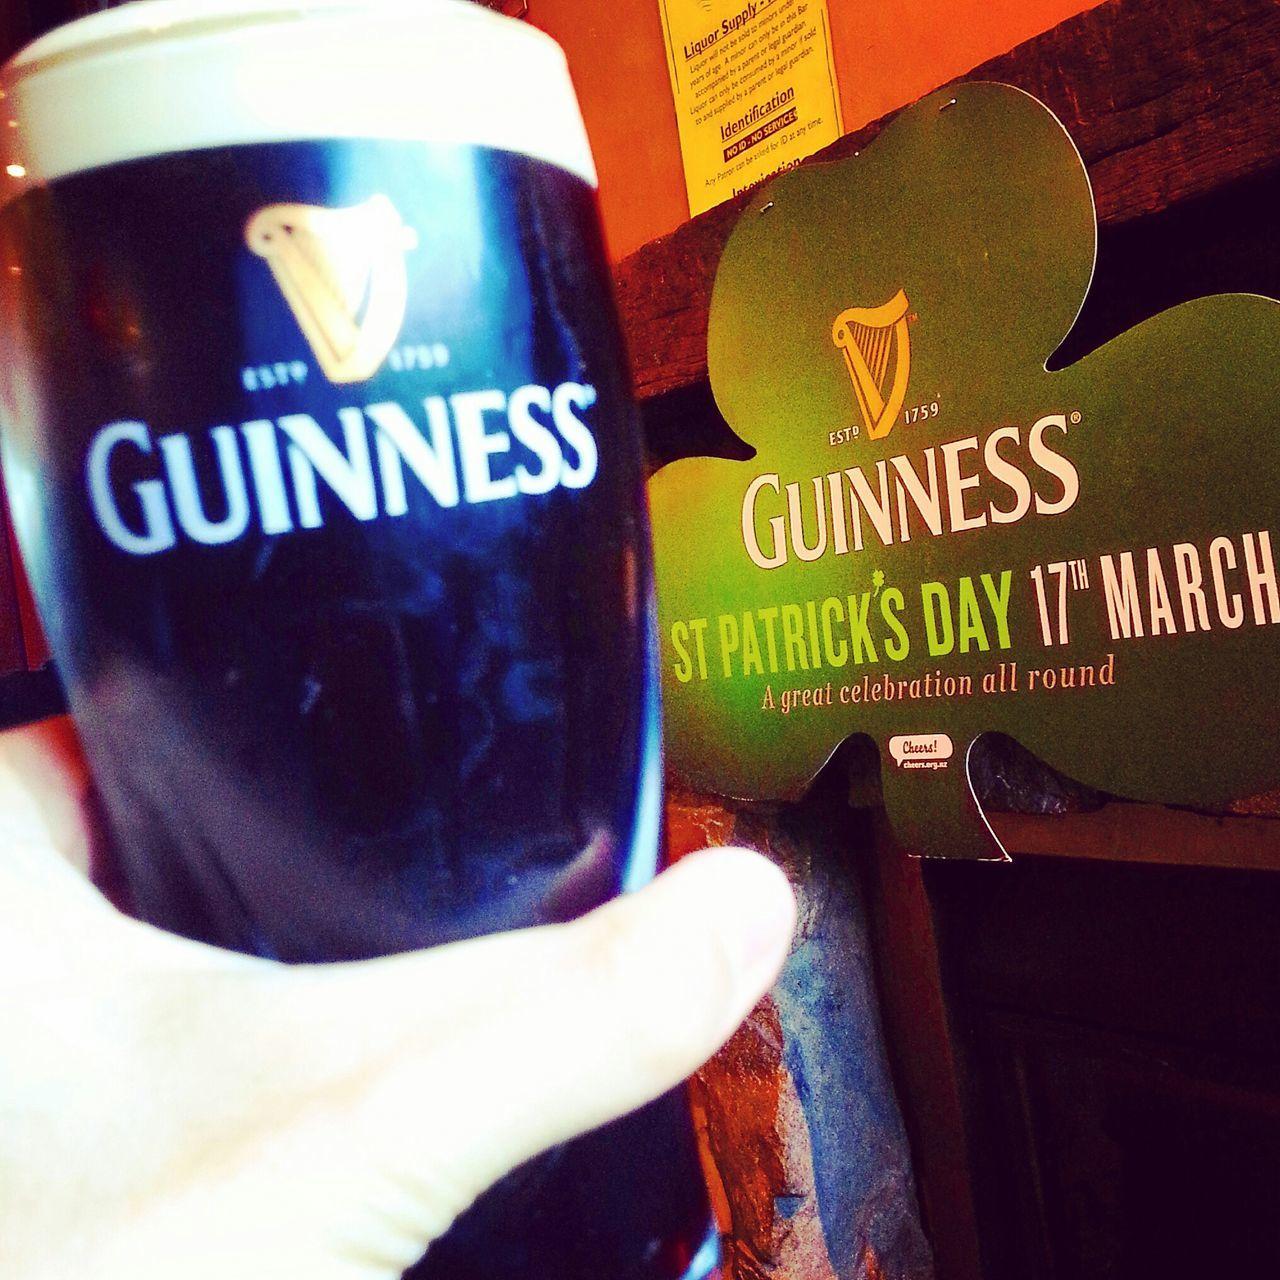 Slàinte Guinness Stpatricksday